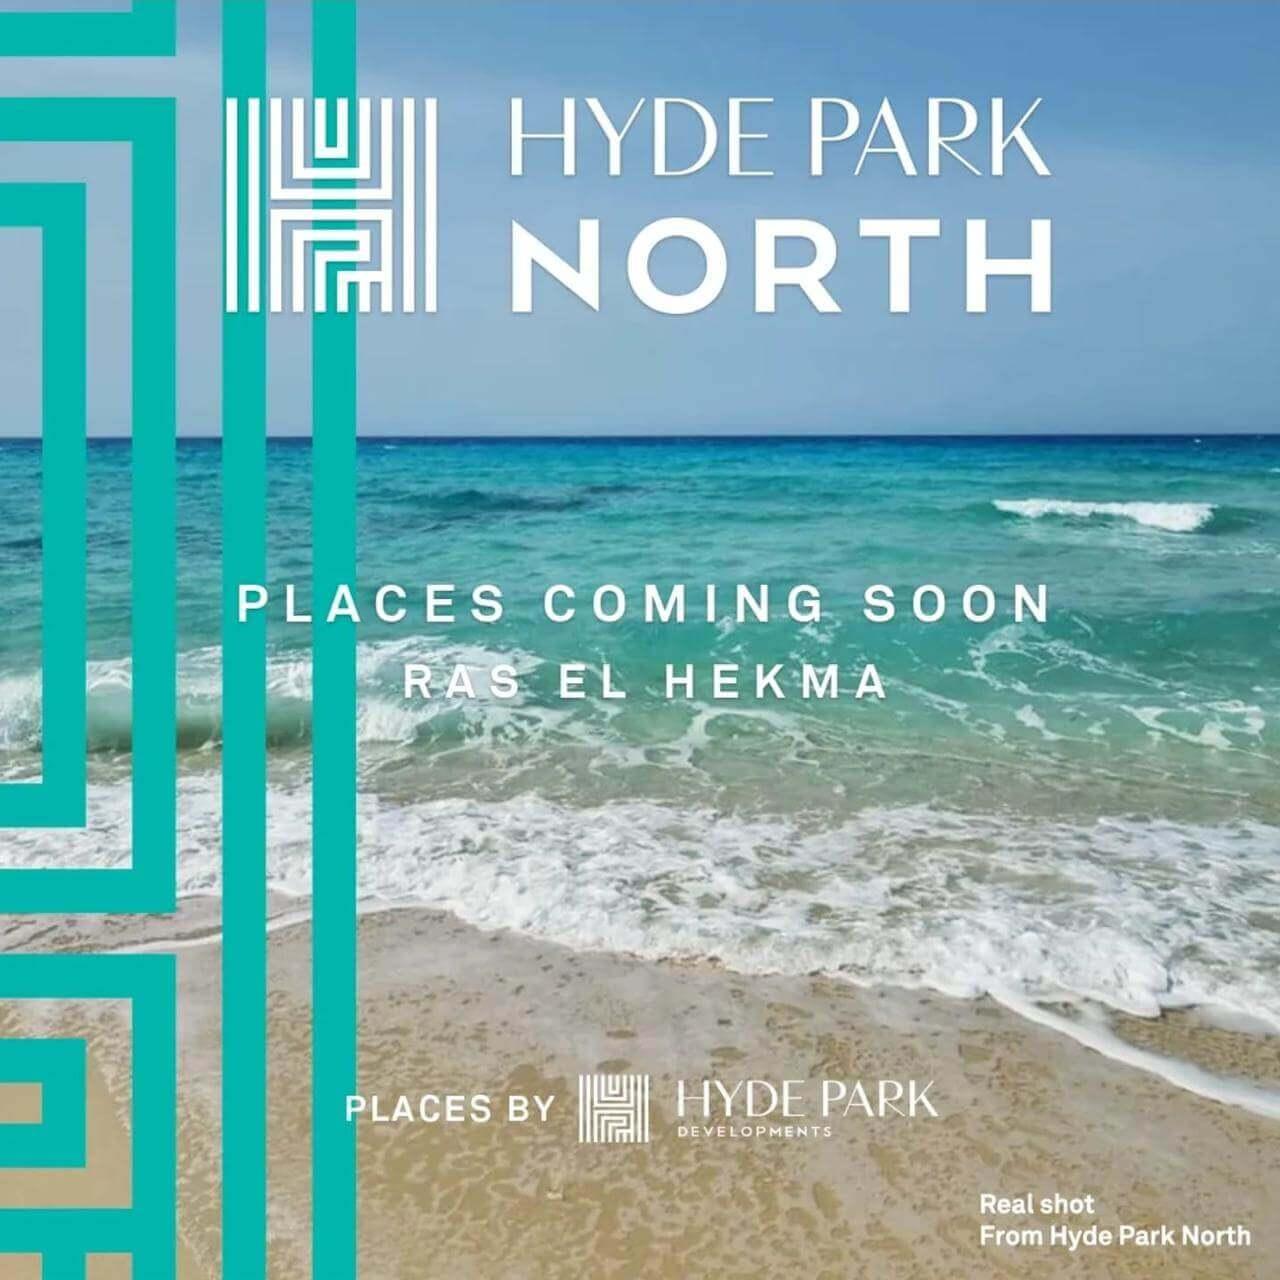 هايد بارك الساحل الشمالي Hyde Park North Coast